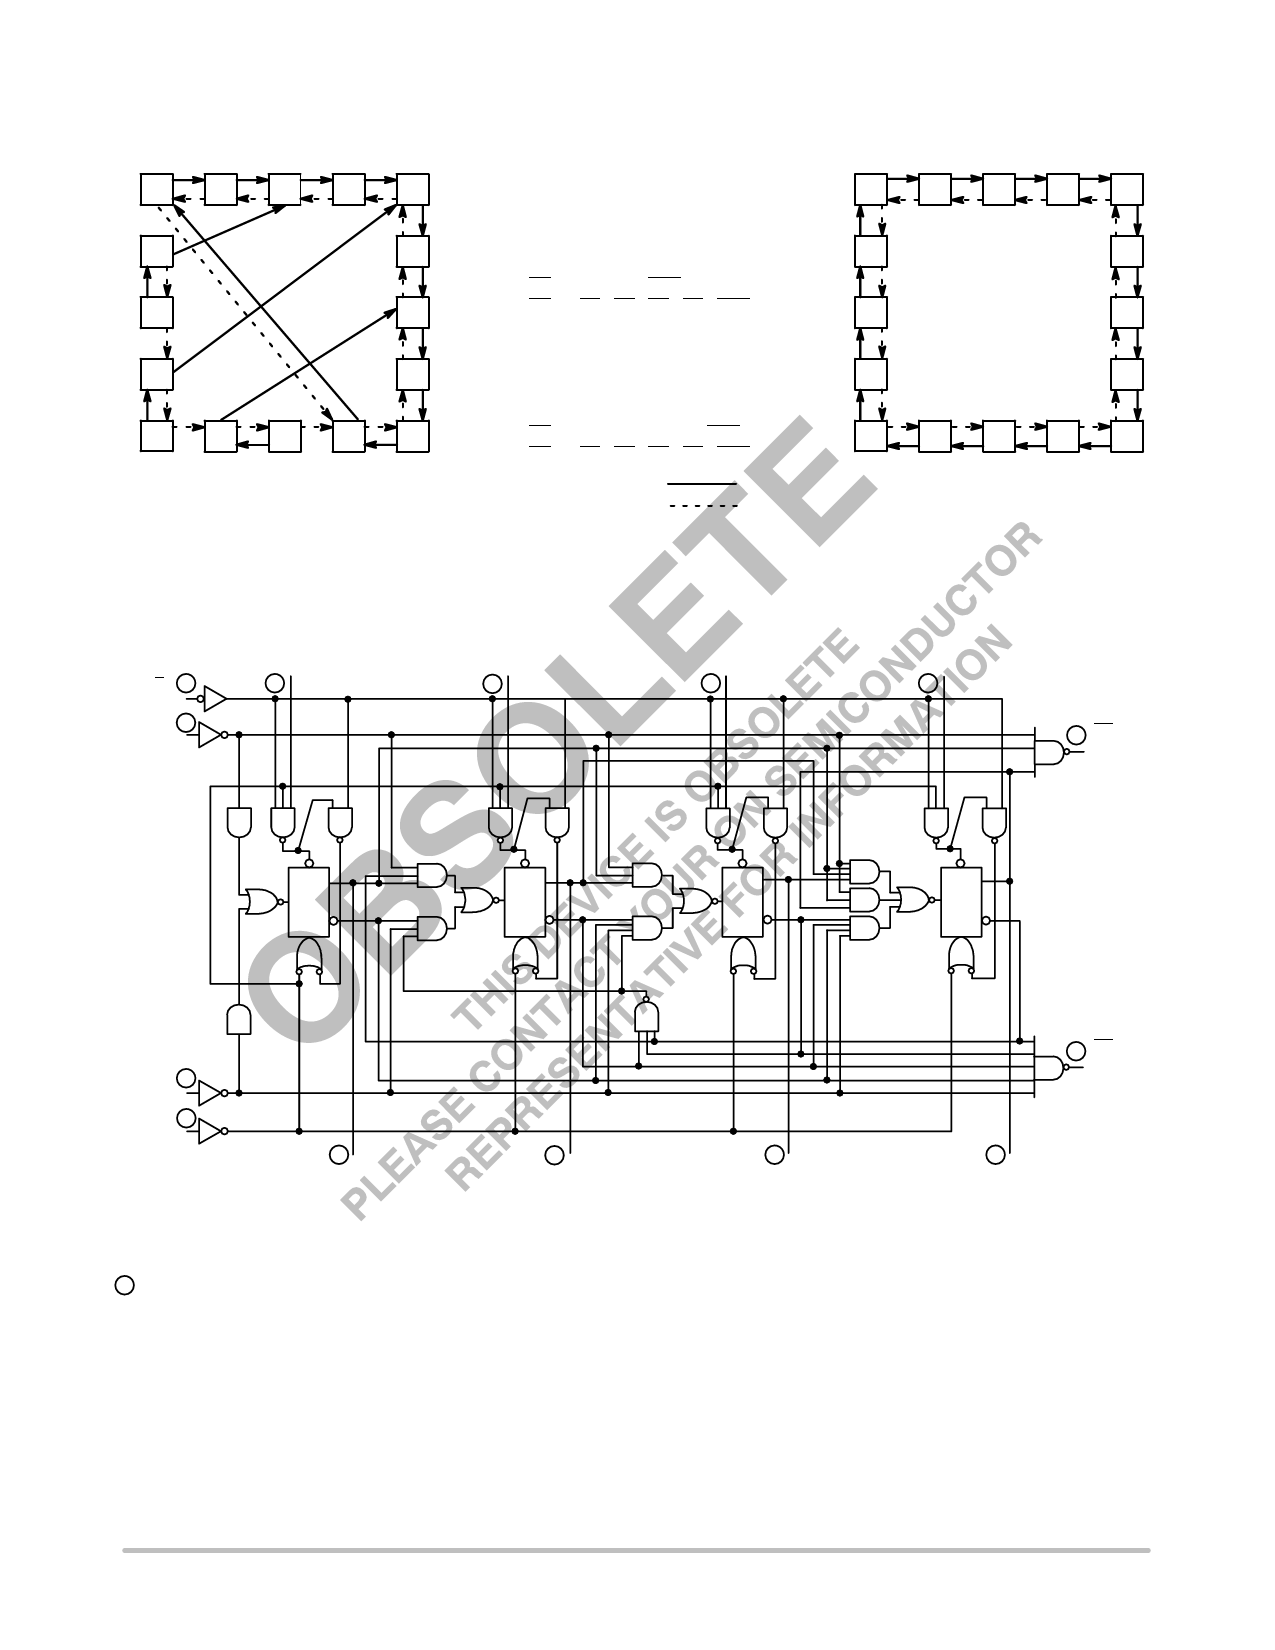 74ls192 Datasheet